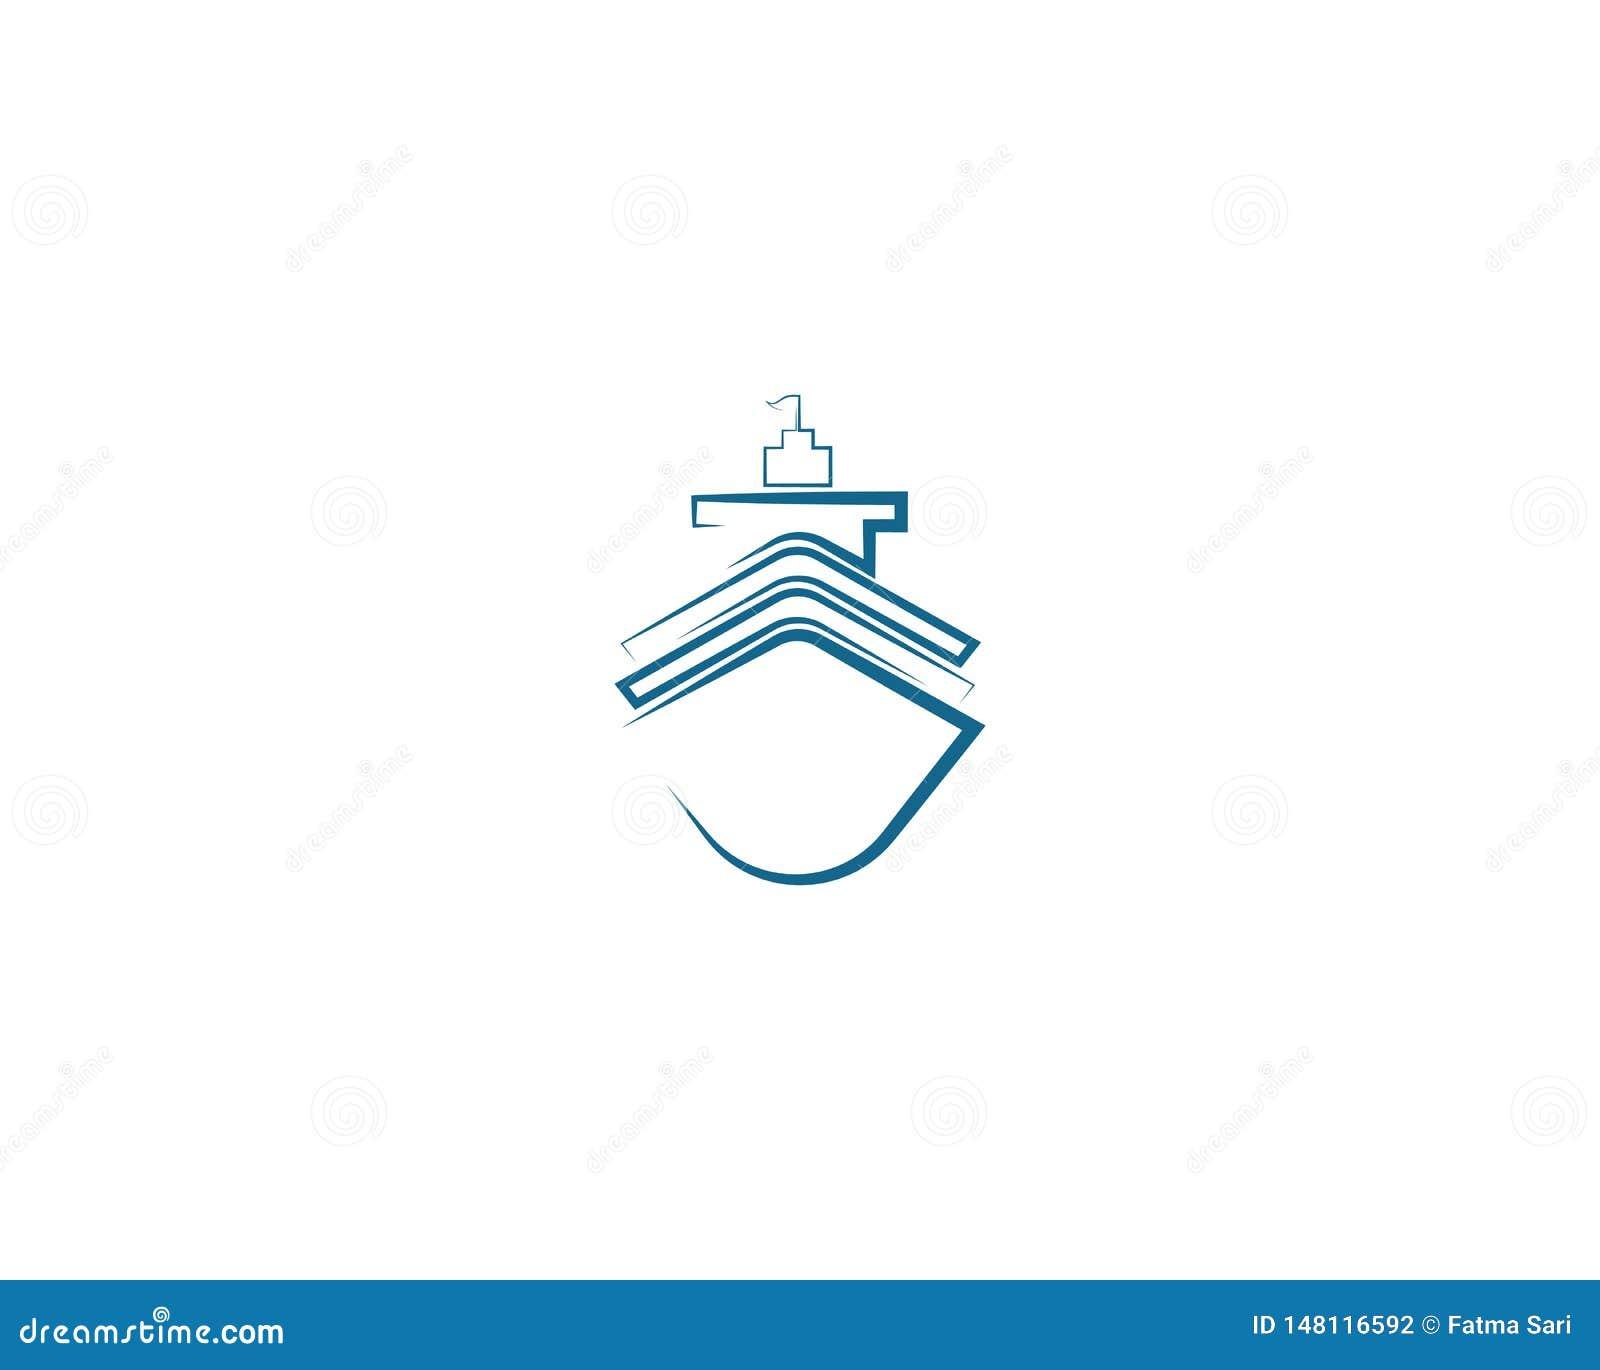 Cruise ship symbol illustration